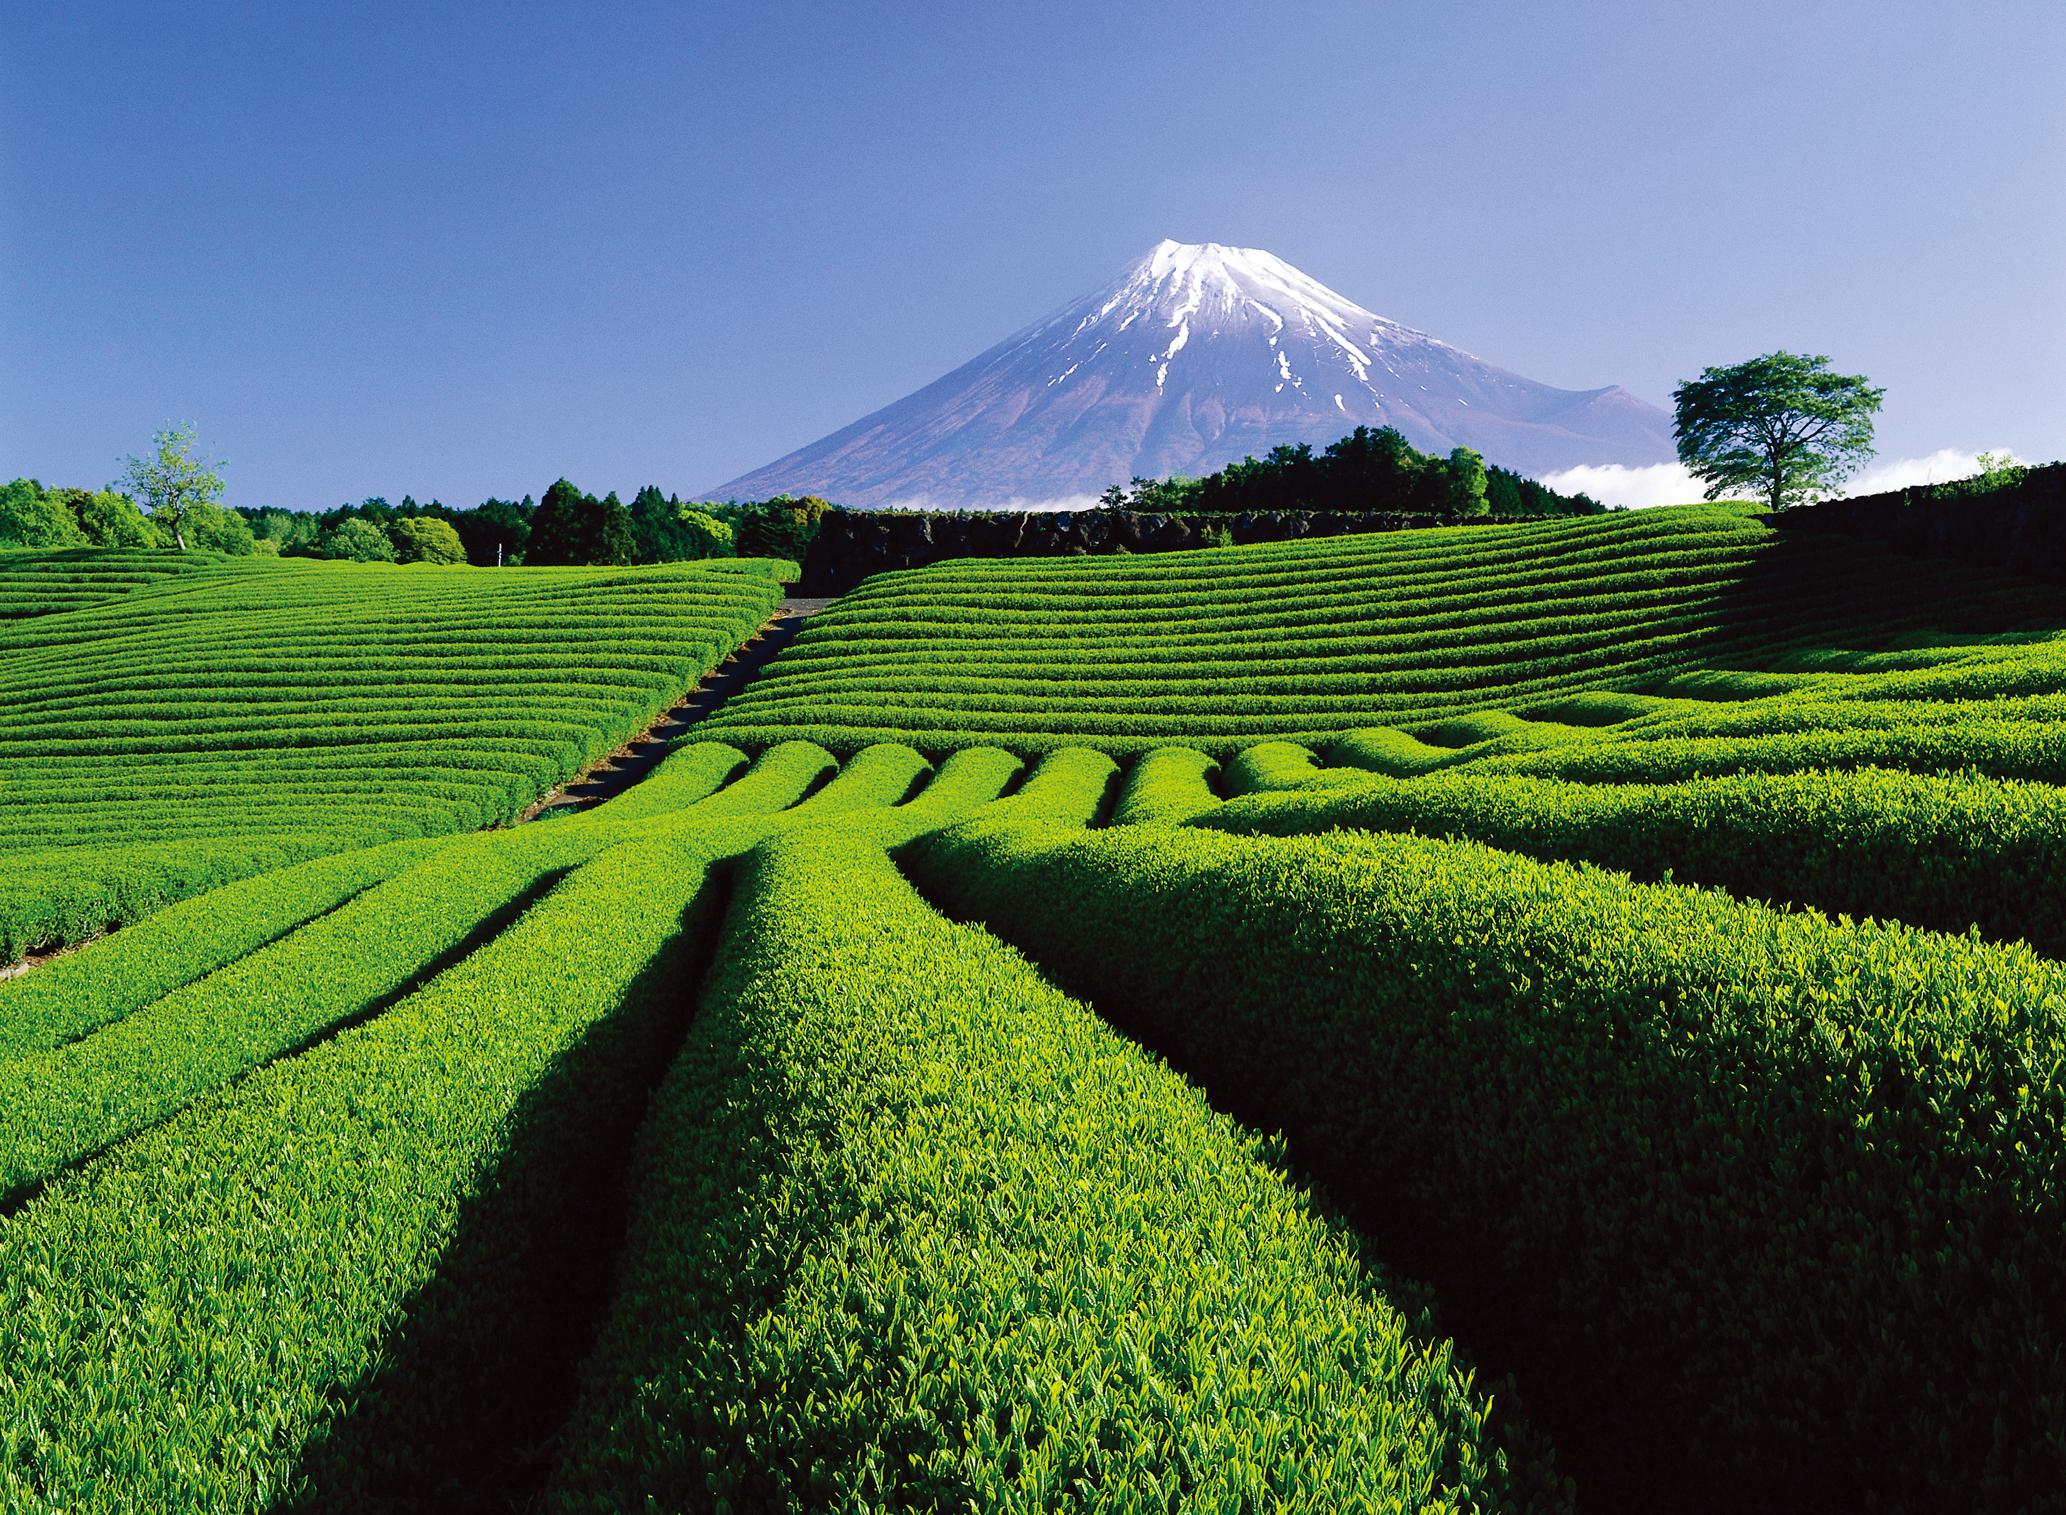 Japan National Tourism Organization skal fremover repræsenteres i Norden af Related, der skal stå for turistrådets nordiske PR-, marketing- og repræsentationsaktiviteter. Arkivpressefoto fra: Japan National Tourism Organization.